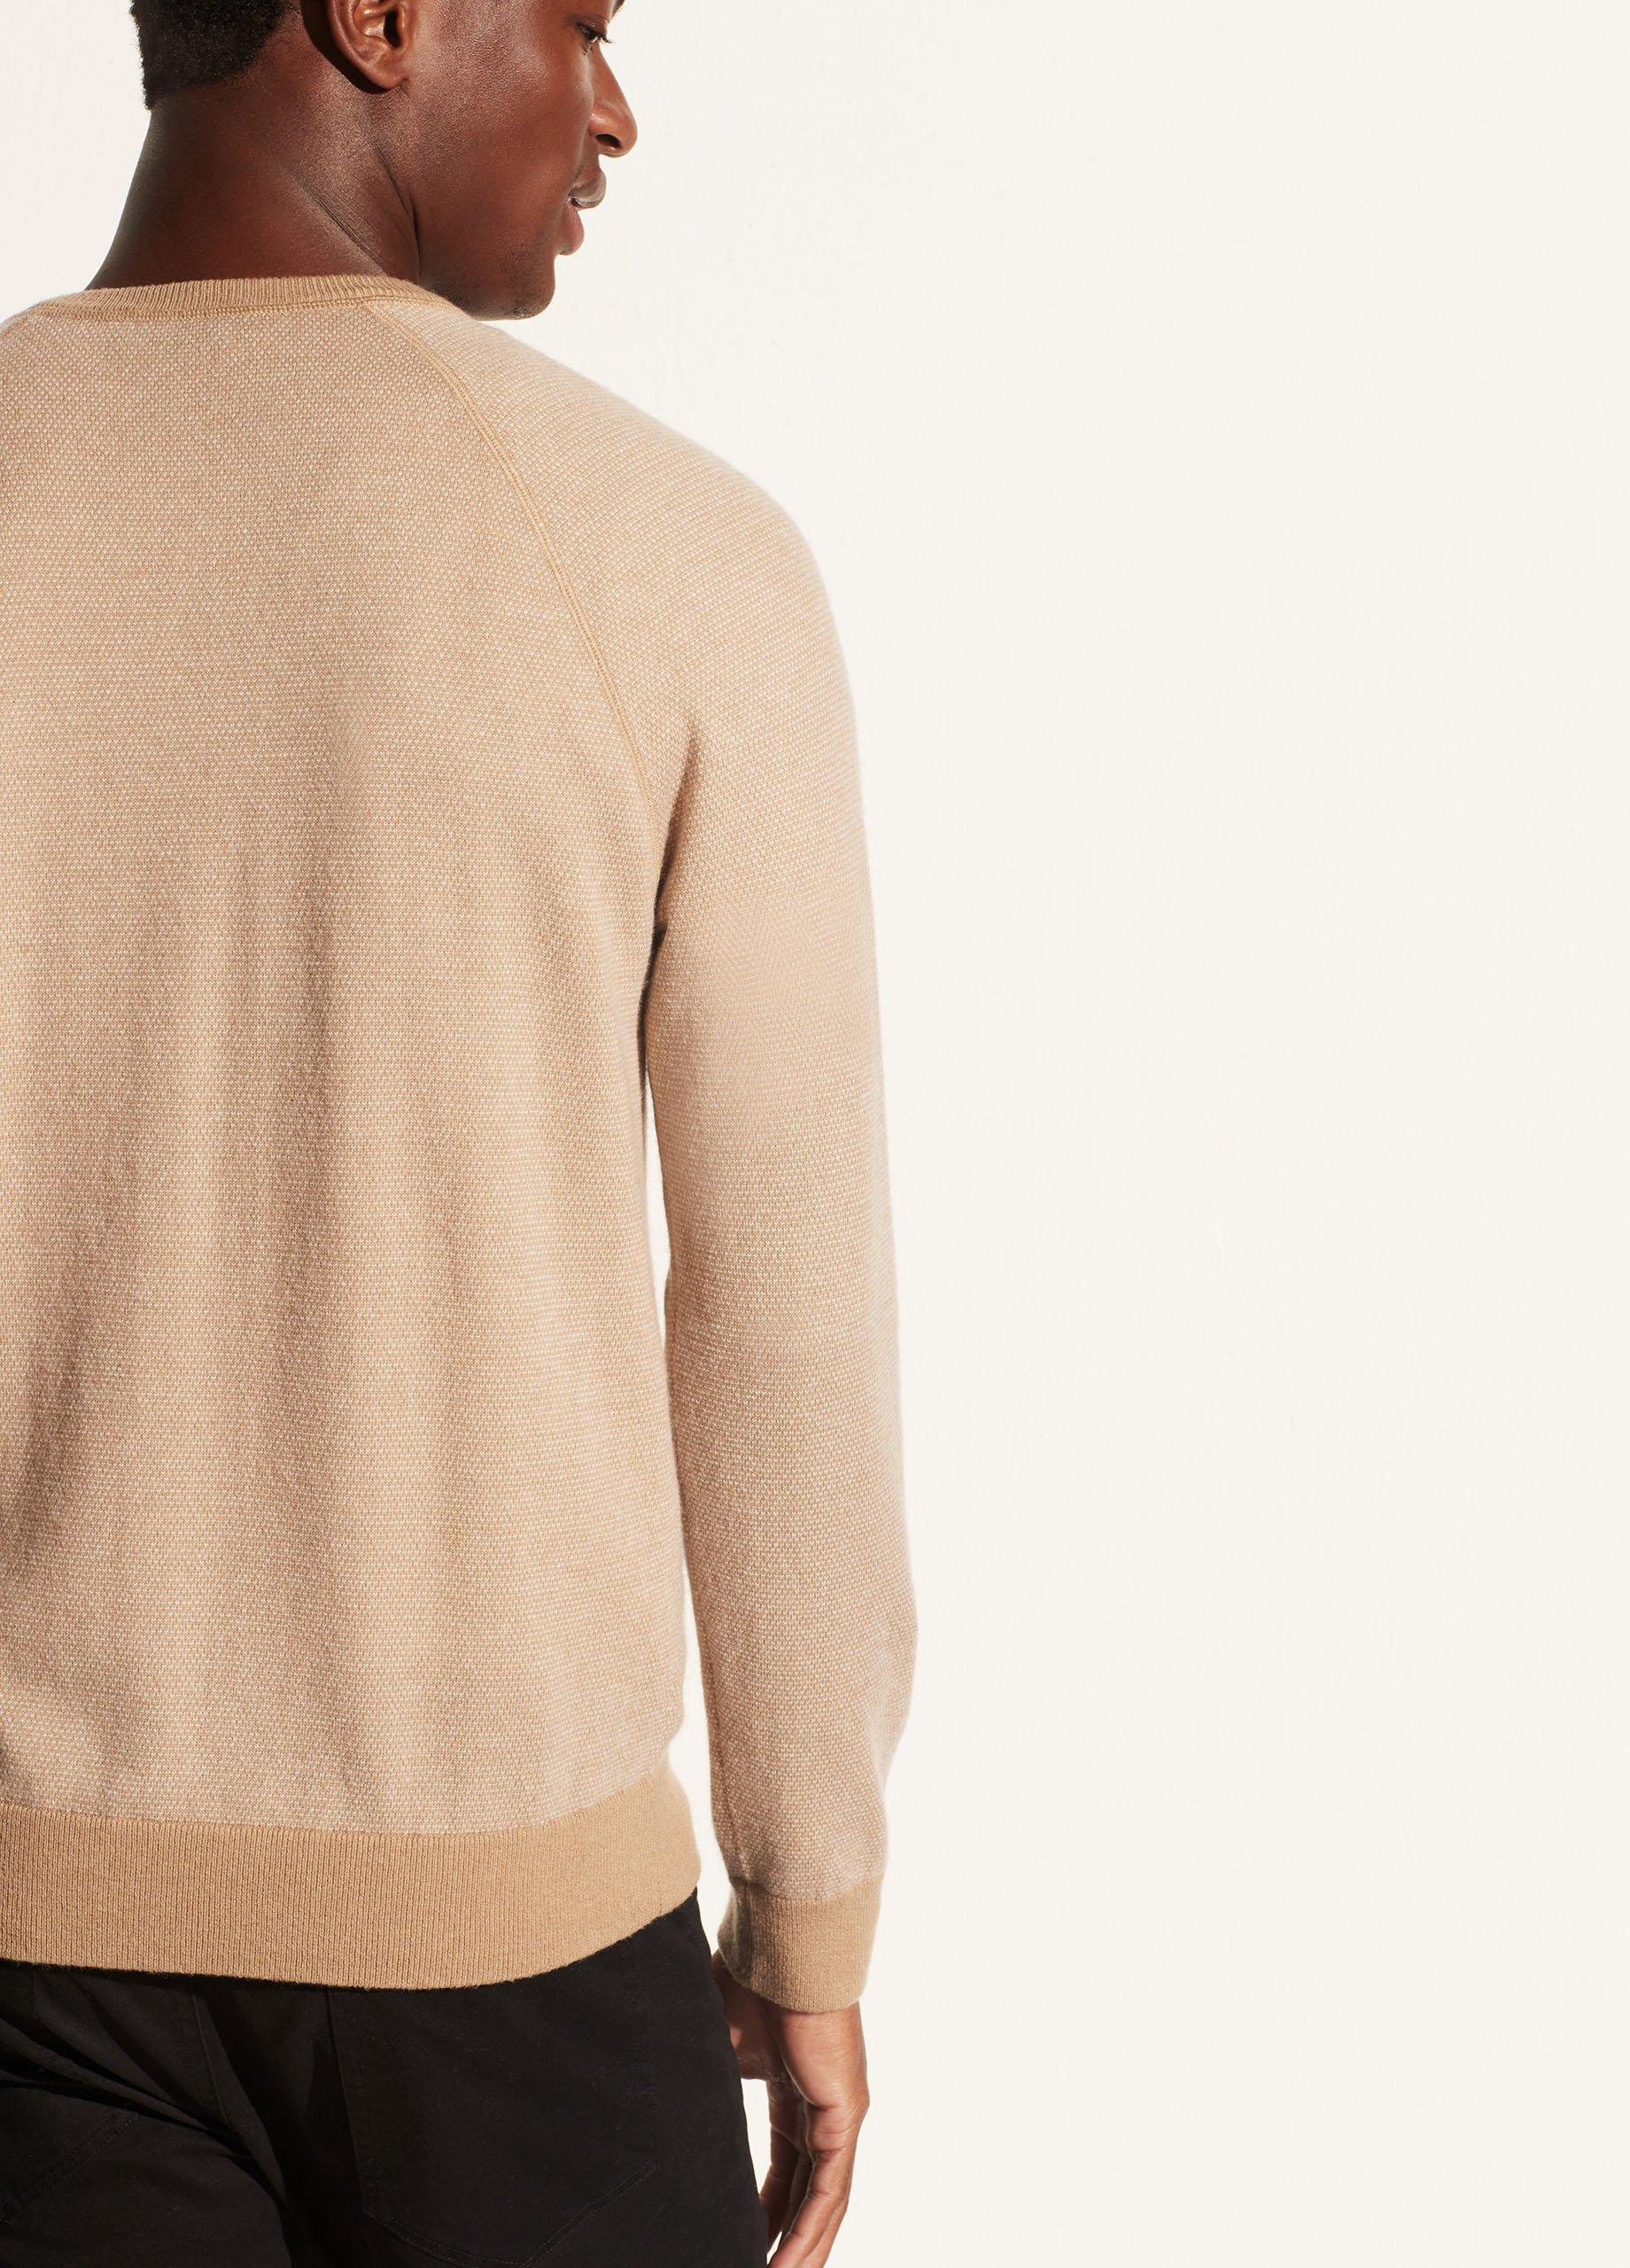 Birdseye Raglan Long Sleeve